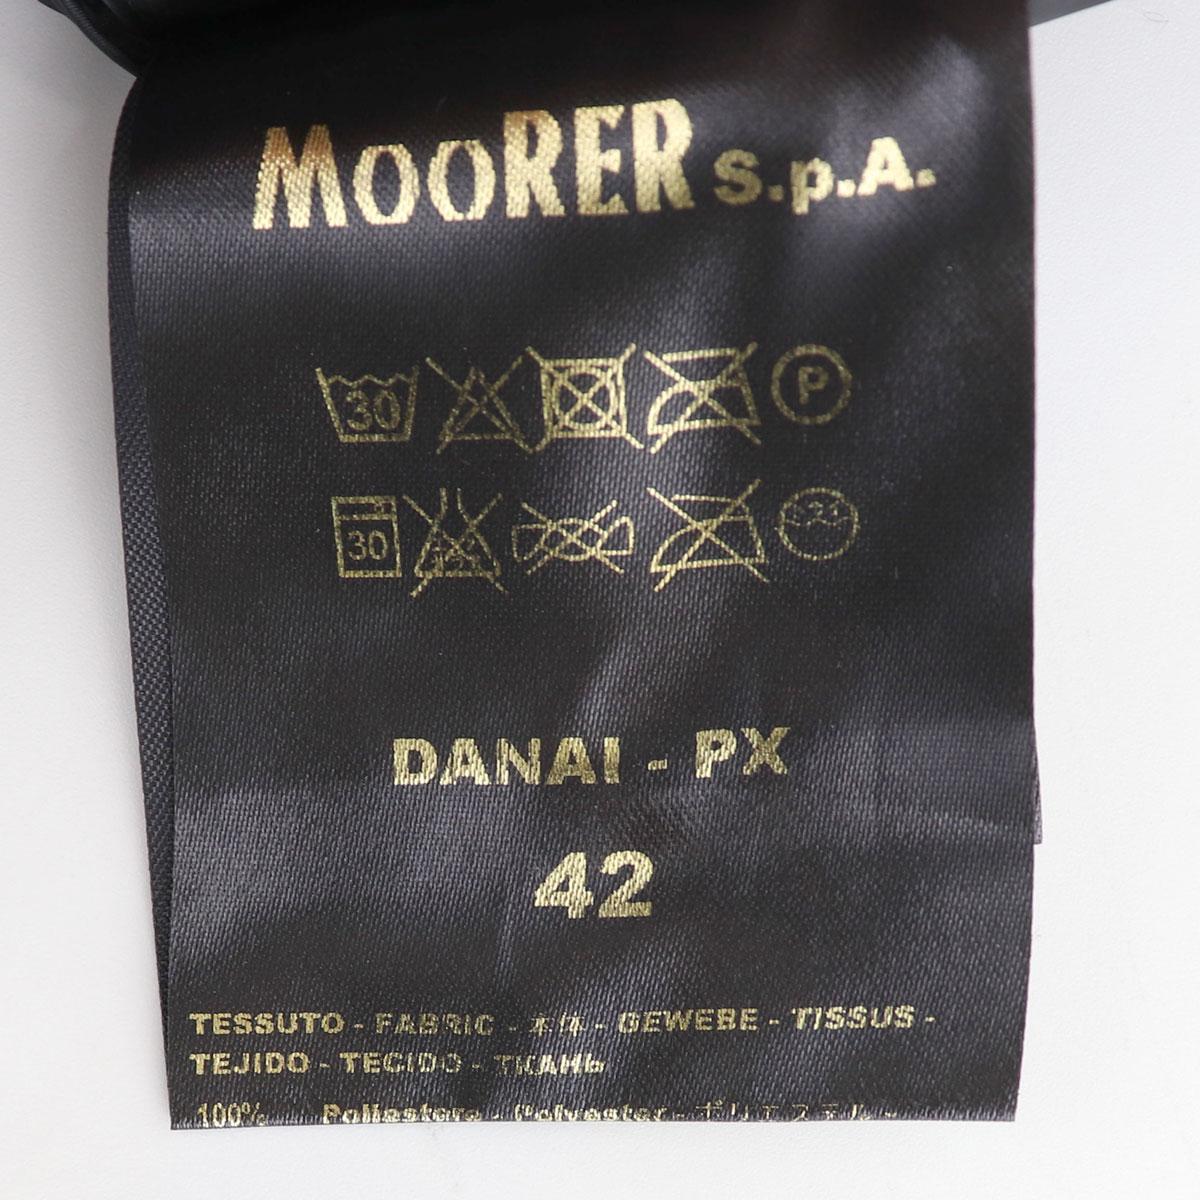 【決算セール】ムーレー MOORER レディース フォックスファーフード付き ダウンコート DANAI 358-81118-08(ブラック)【返品交換不可】